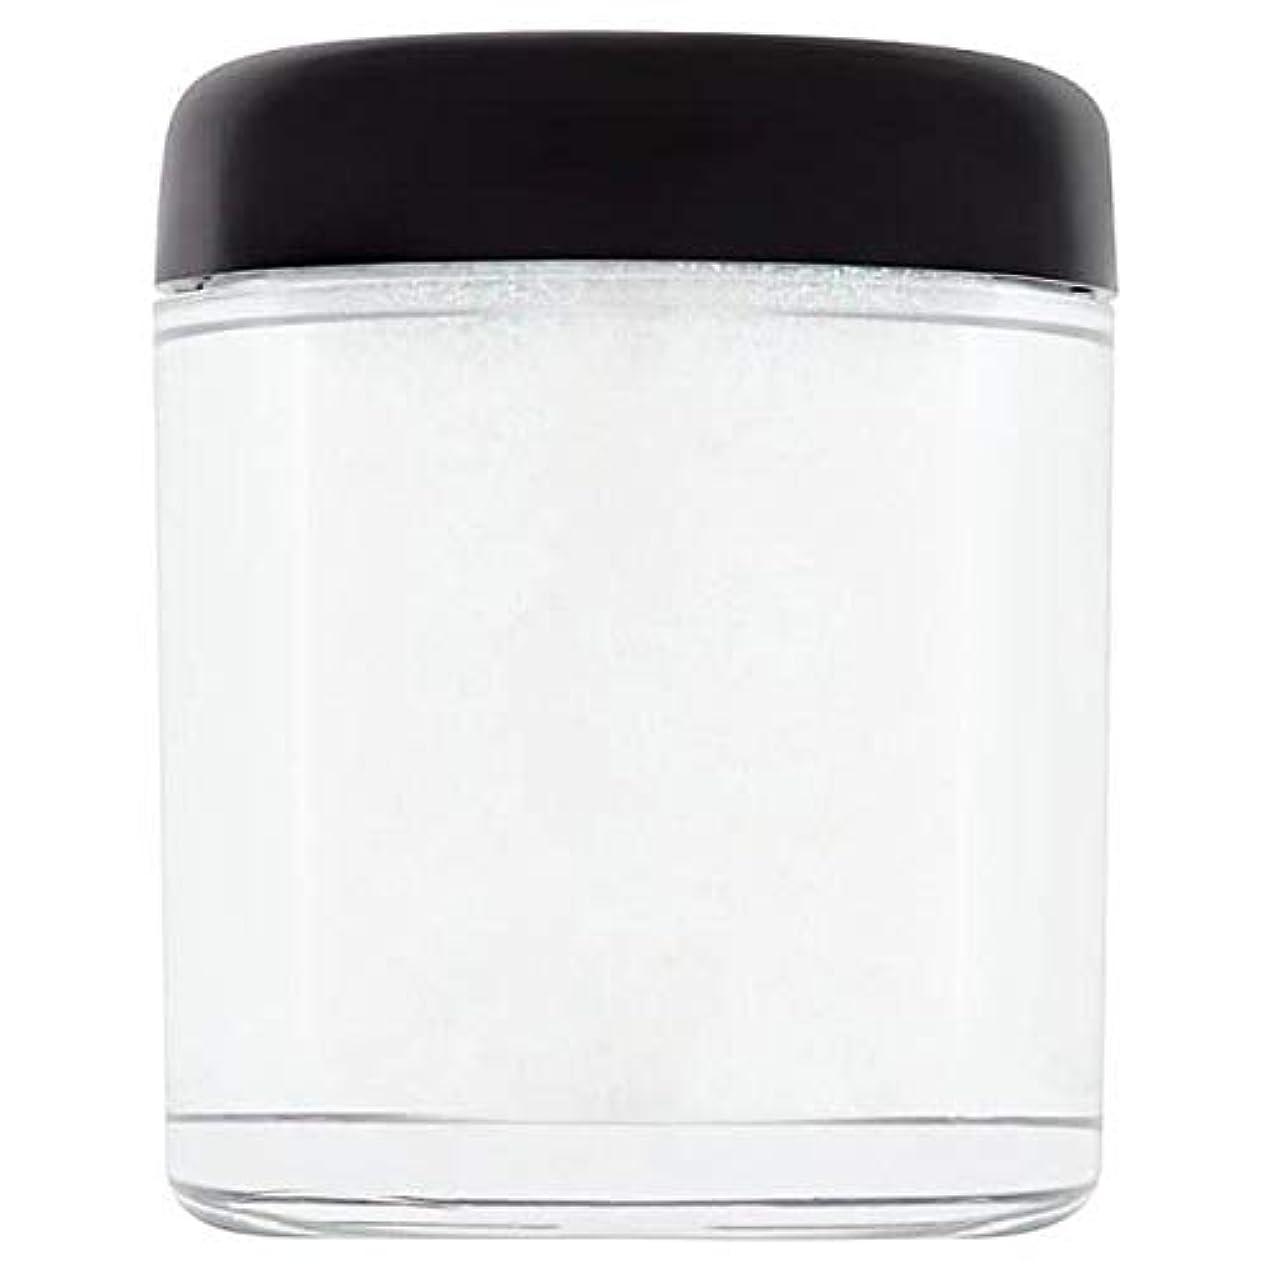 適応的行くのスコア[Collection ] 収集グラムの結晶がフェイス&ボディの輝きユニコーンの涙1 - Collection Glam Crystals Face & Body Glitter Unicorn Tears 1 [並行輸入品]